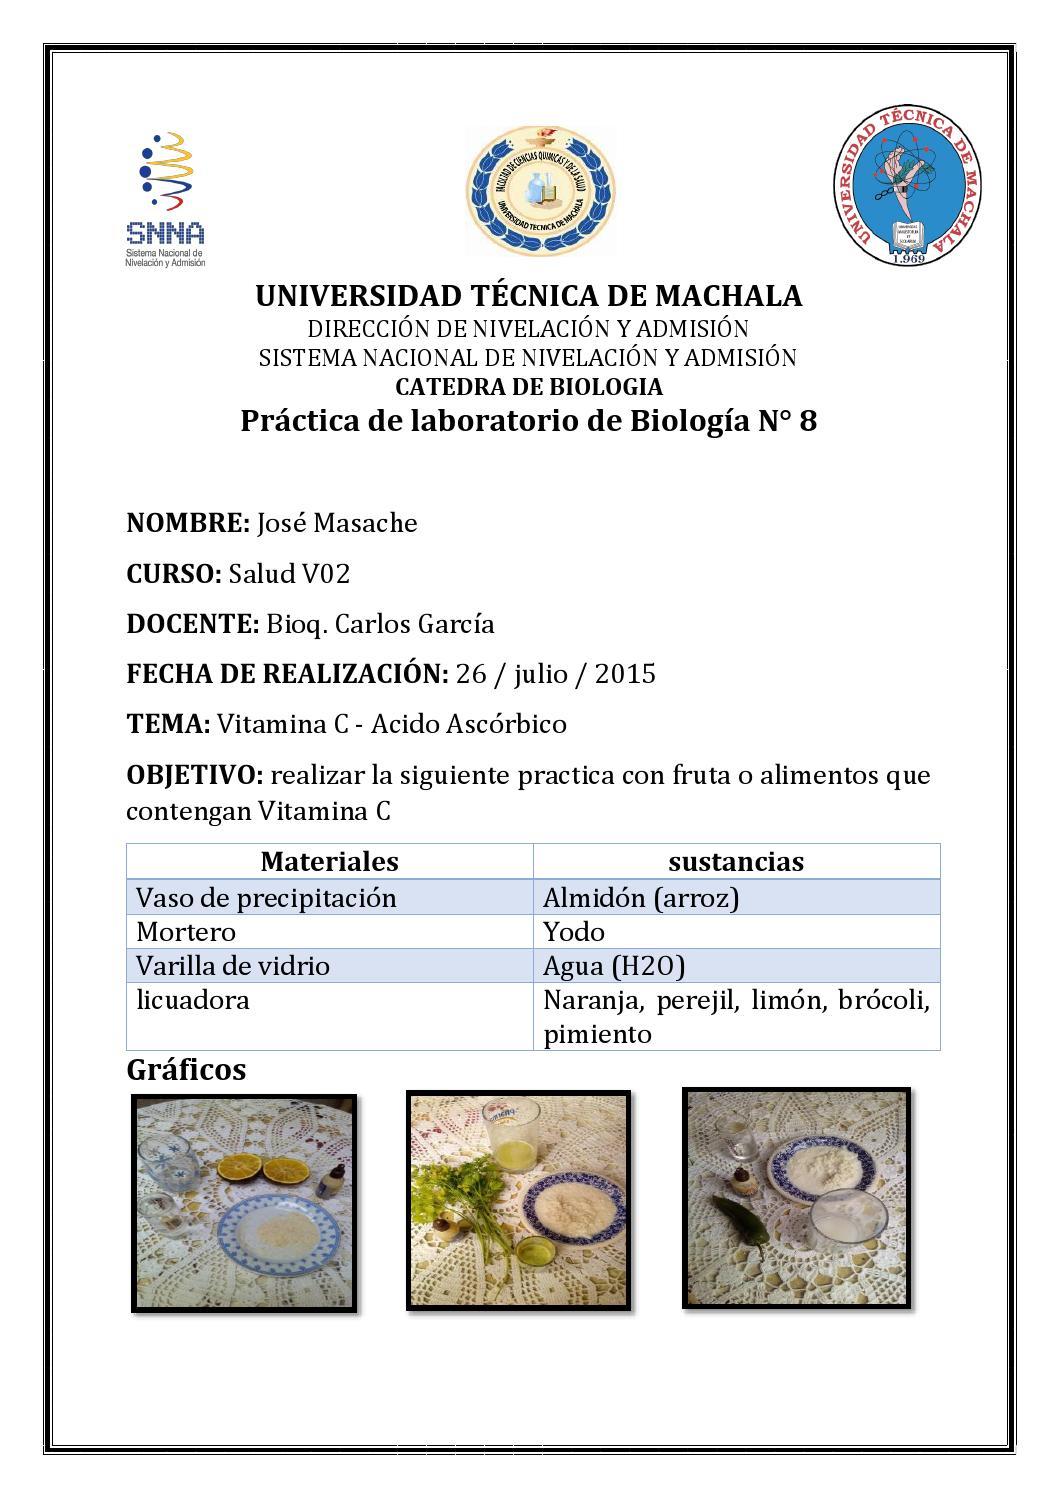 Practica de biologia n 8 by Jose Masache - Issuu